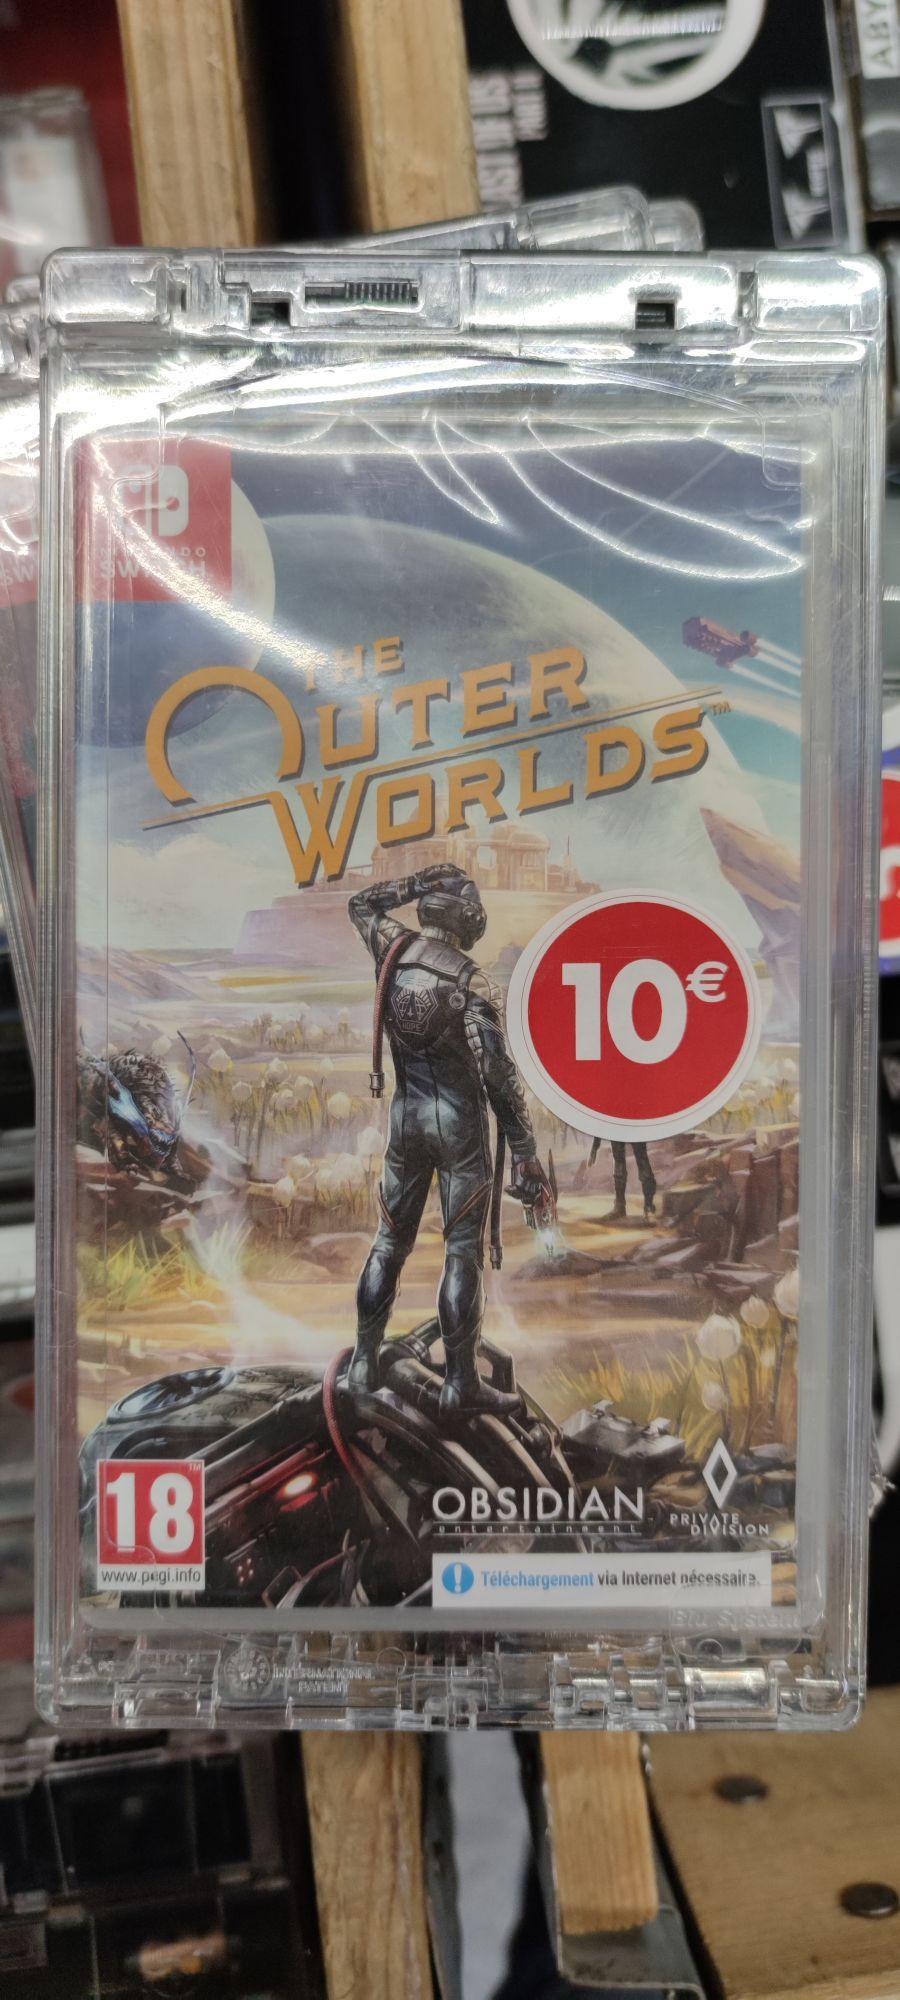 Sélection de jeux vidéo en promotion - Ex : The Outer Worlds sur Switch - Évry-Courcouronnes (91)